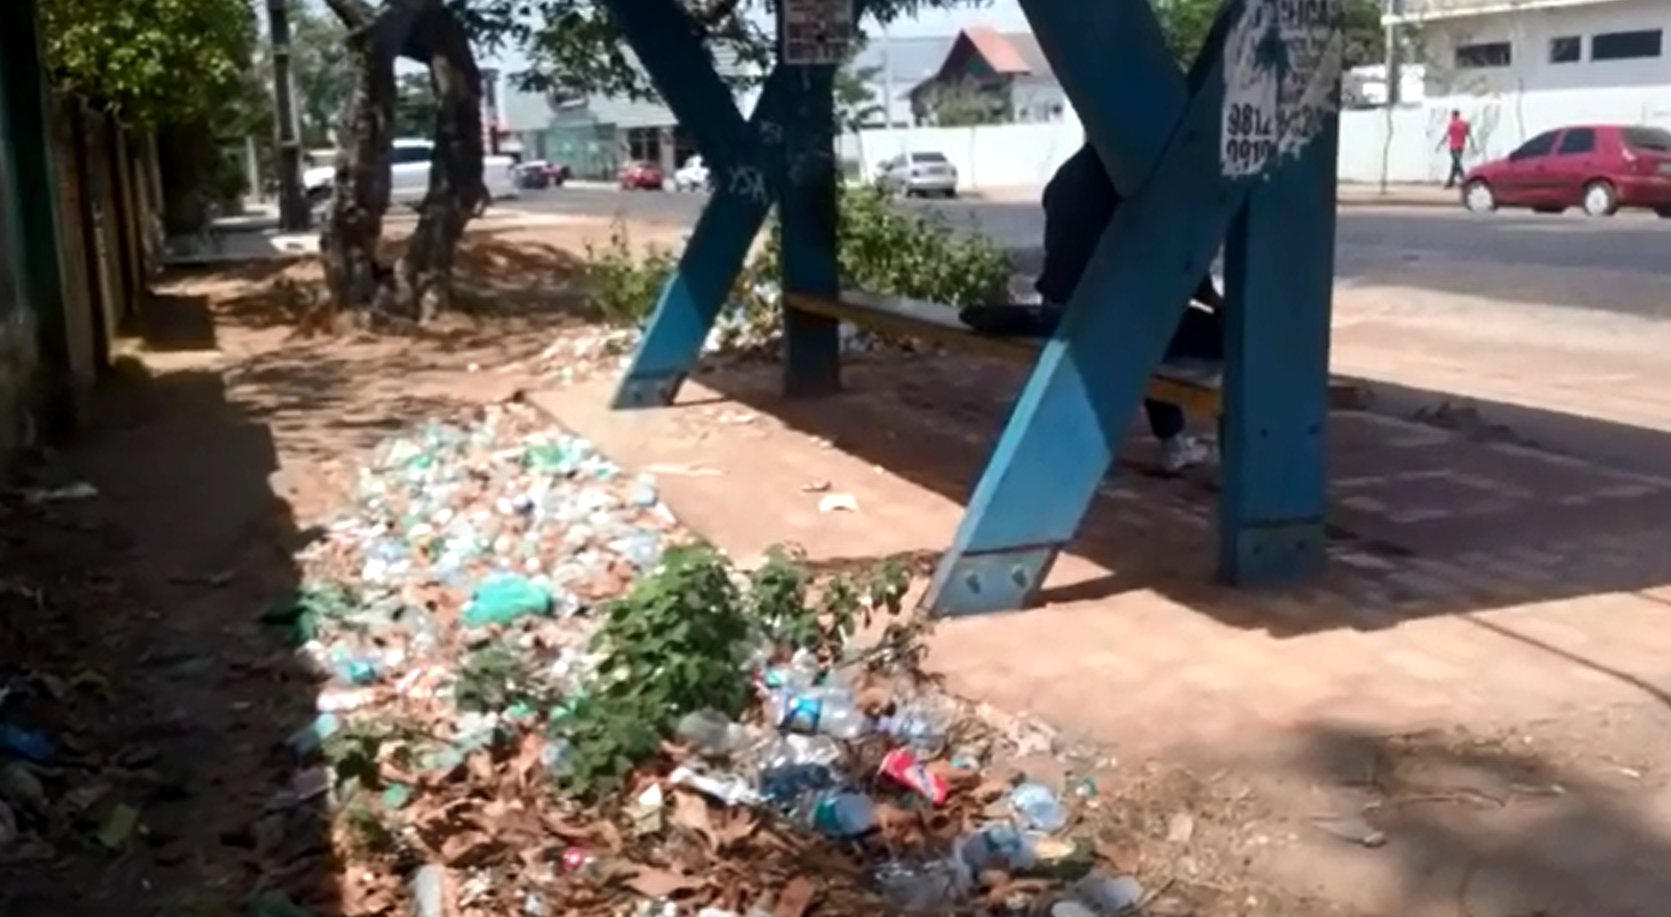 Lixeira viciada se acumula atrás de ponto de ônibus em muro de hospital